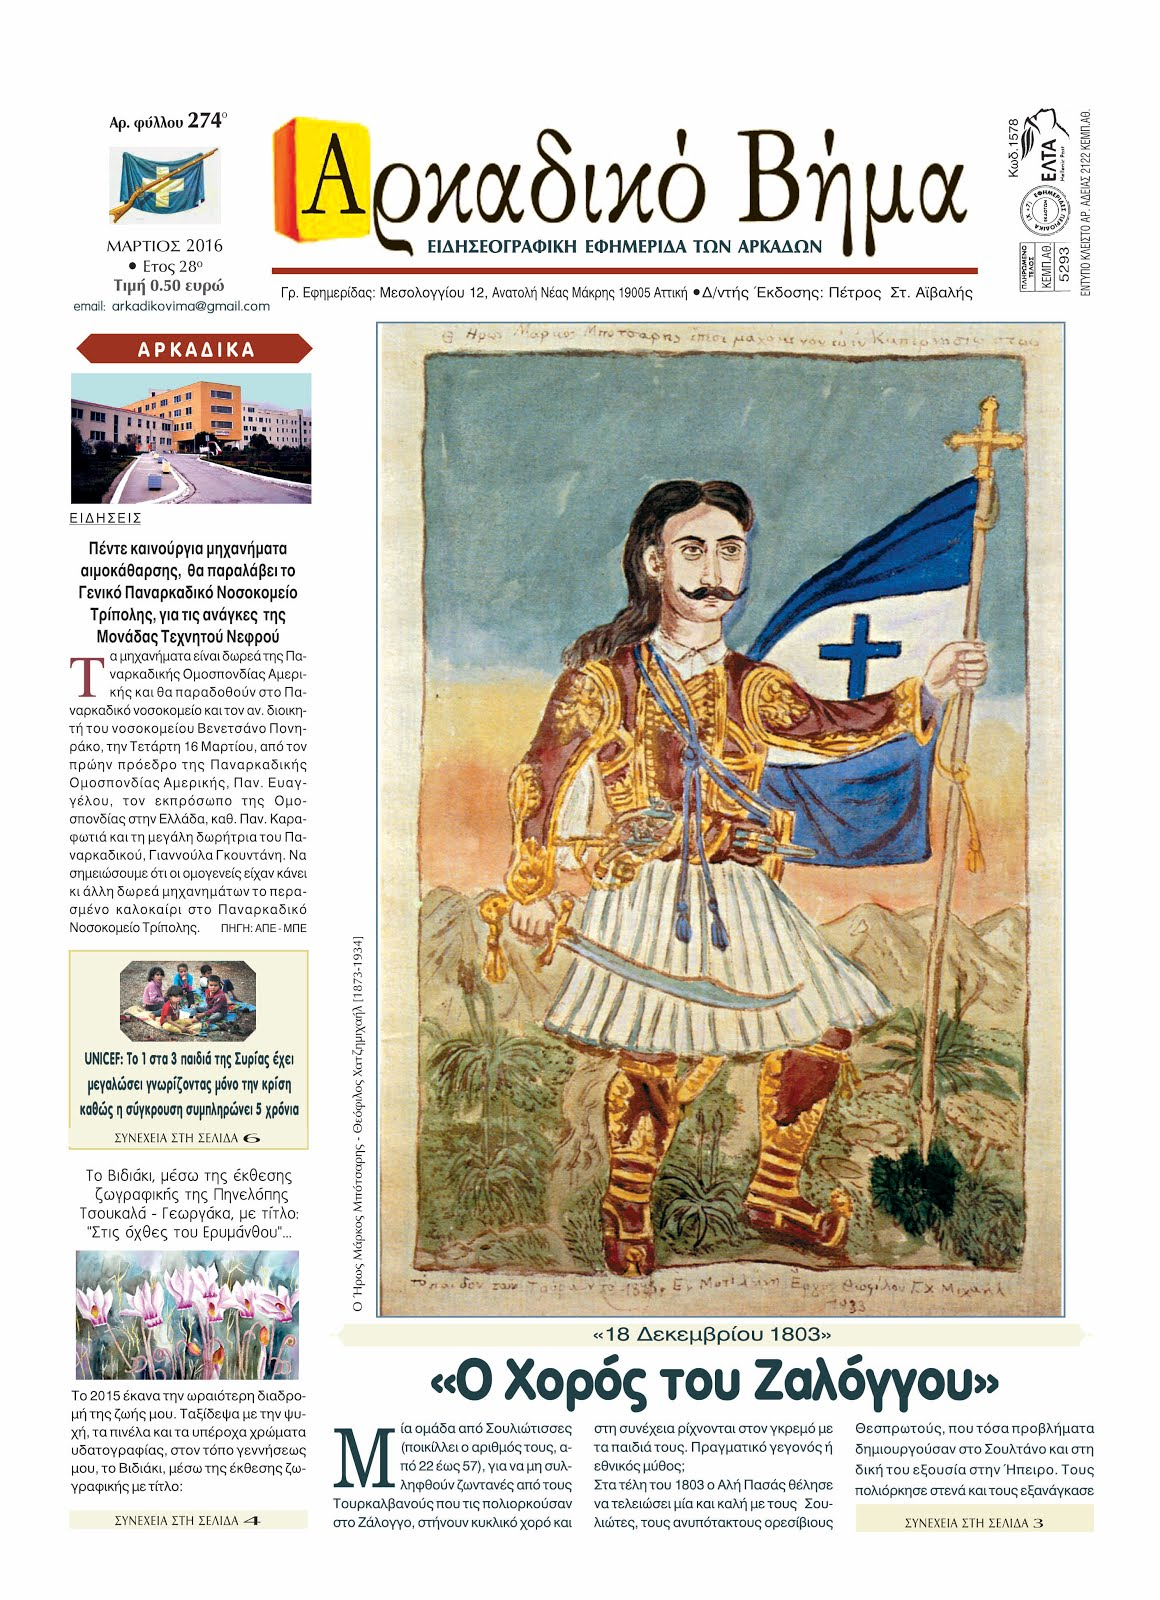 Αρκαδικό Βήμα κυκλοφόρησε το φύλλο Μαρτίου 2016